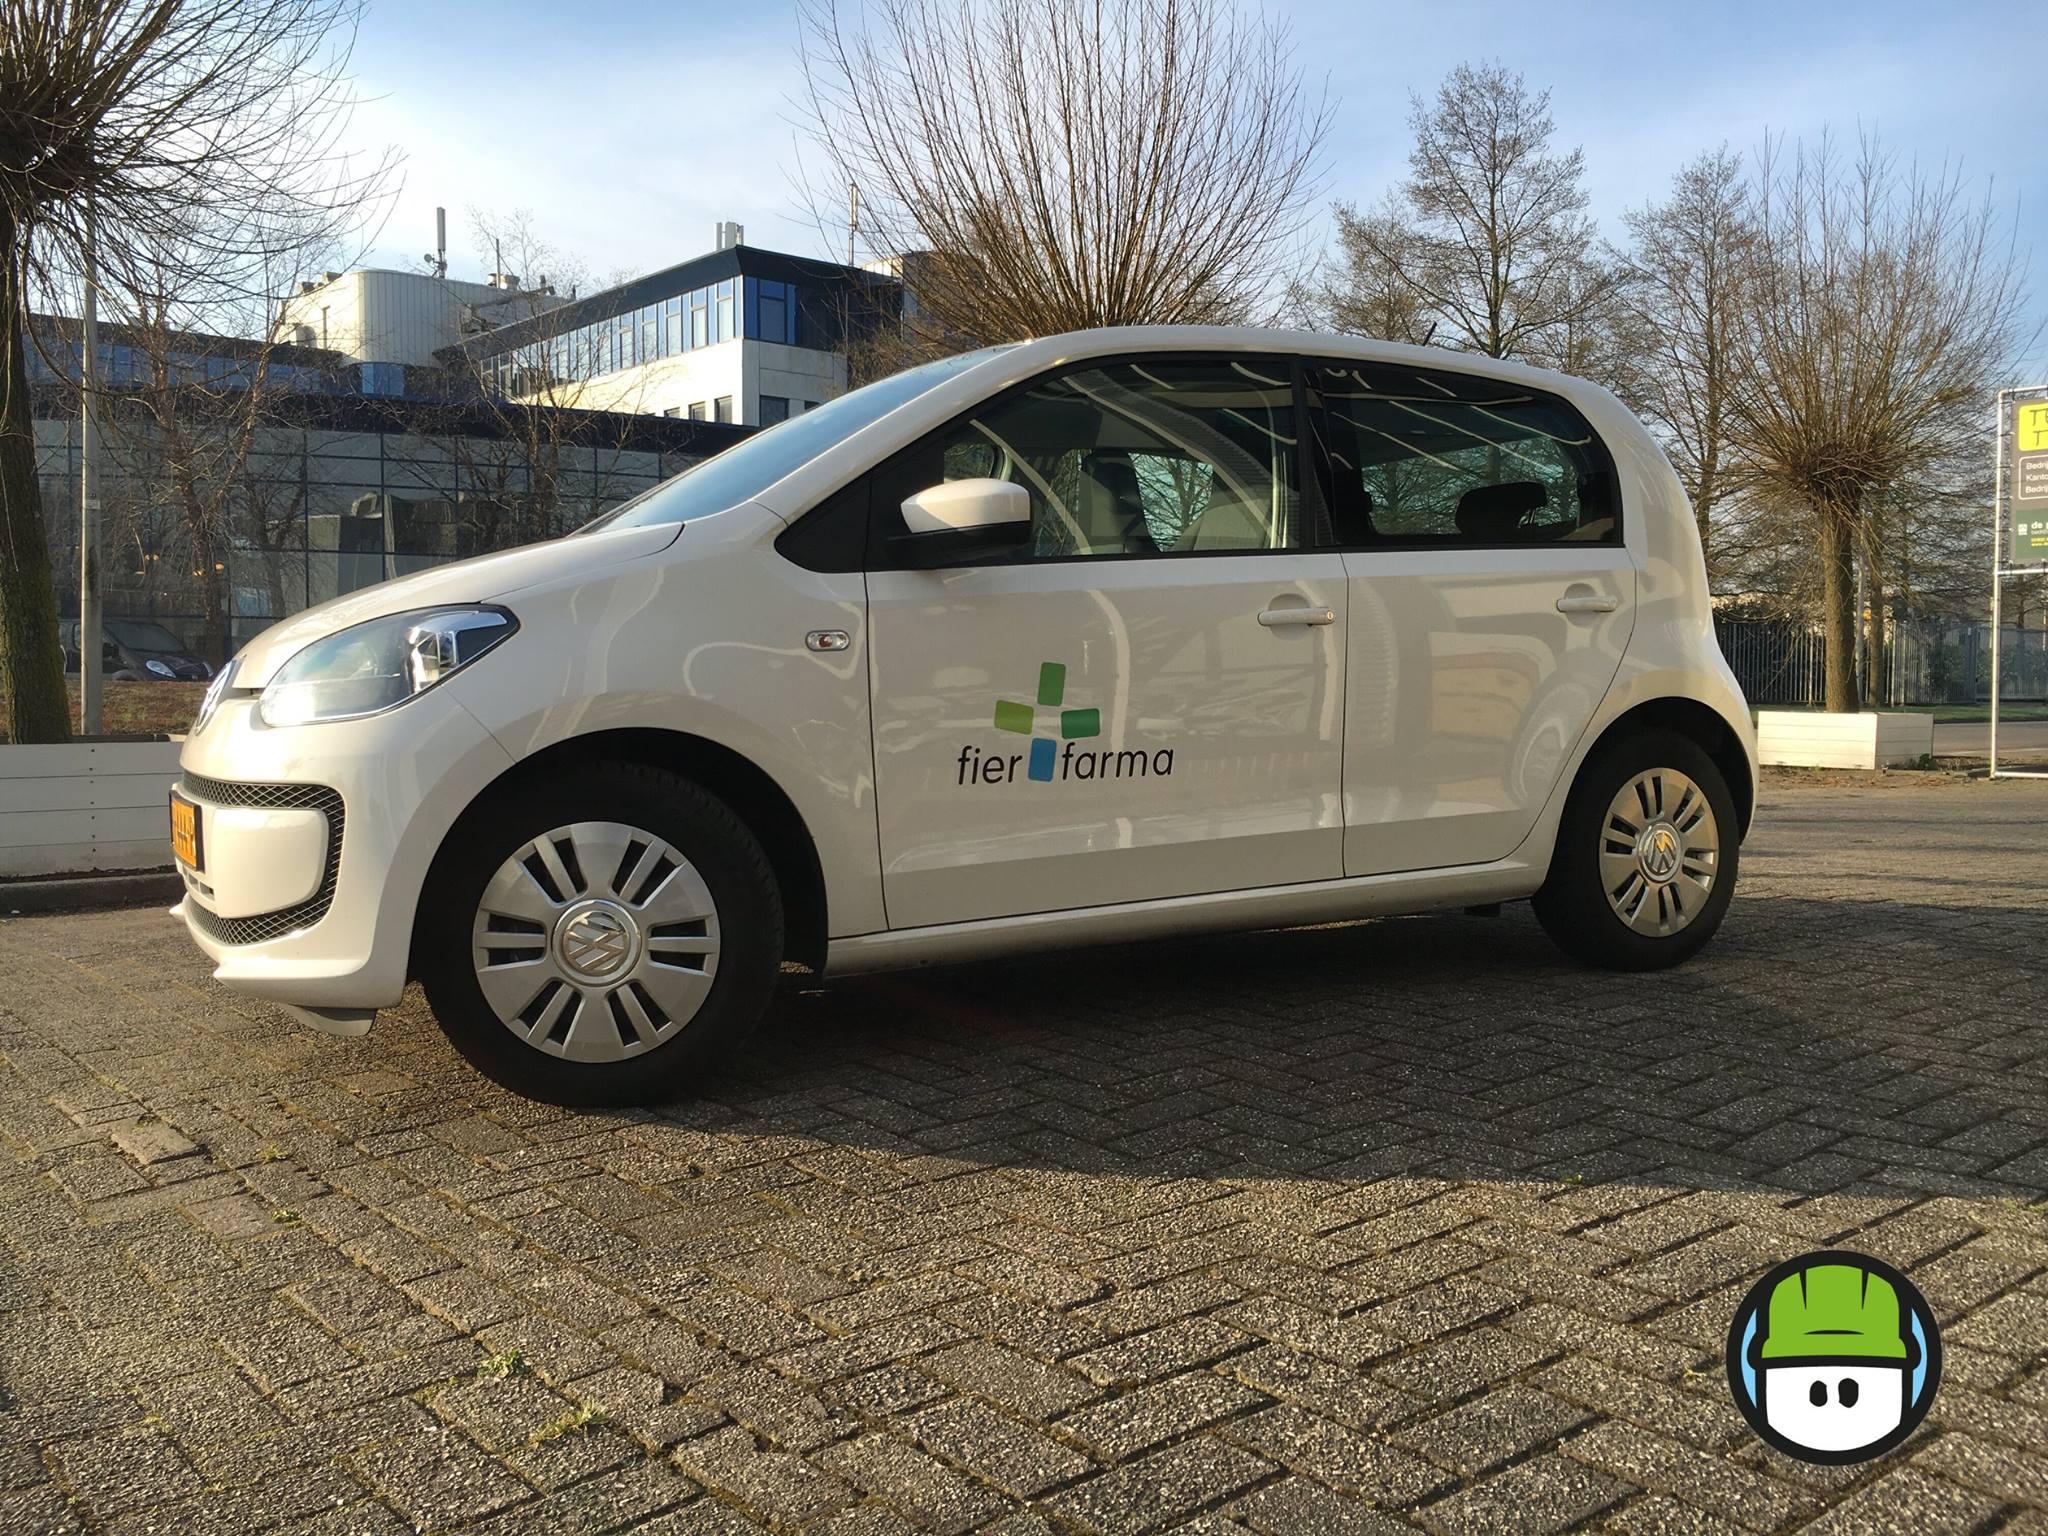 Fier Farma ~ Wagenpark